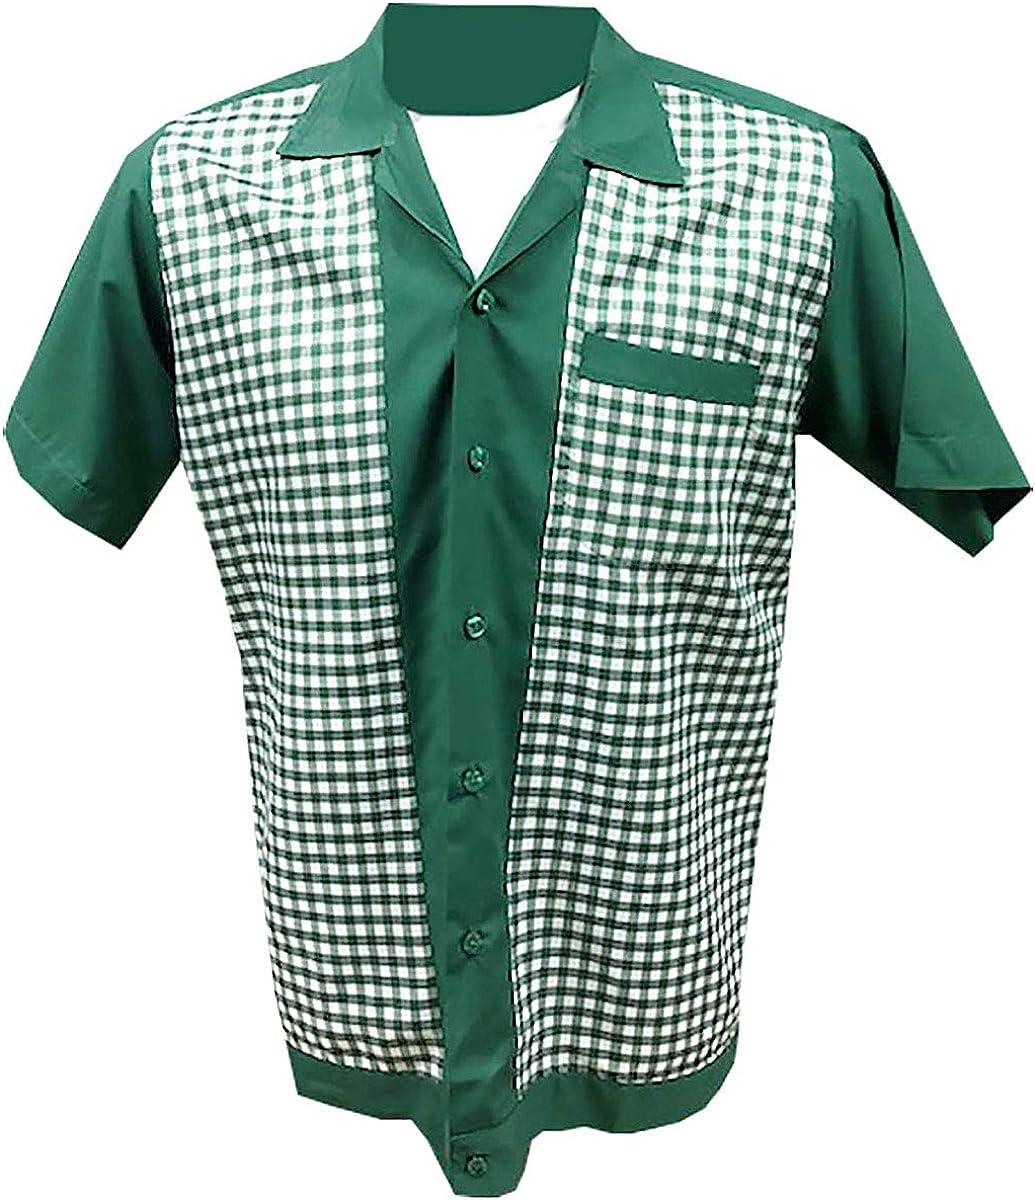 Rockabilly Fashions - Camisa casual - Liso - Manga Corta - para hombre Green, White XL: Amazon.es: Ropa y accesorios